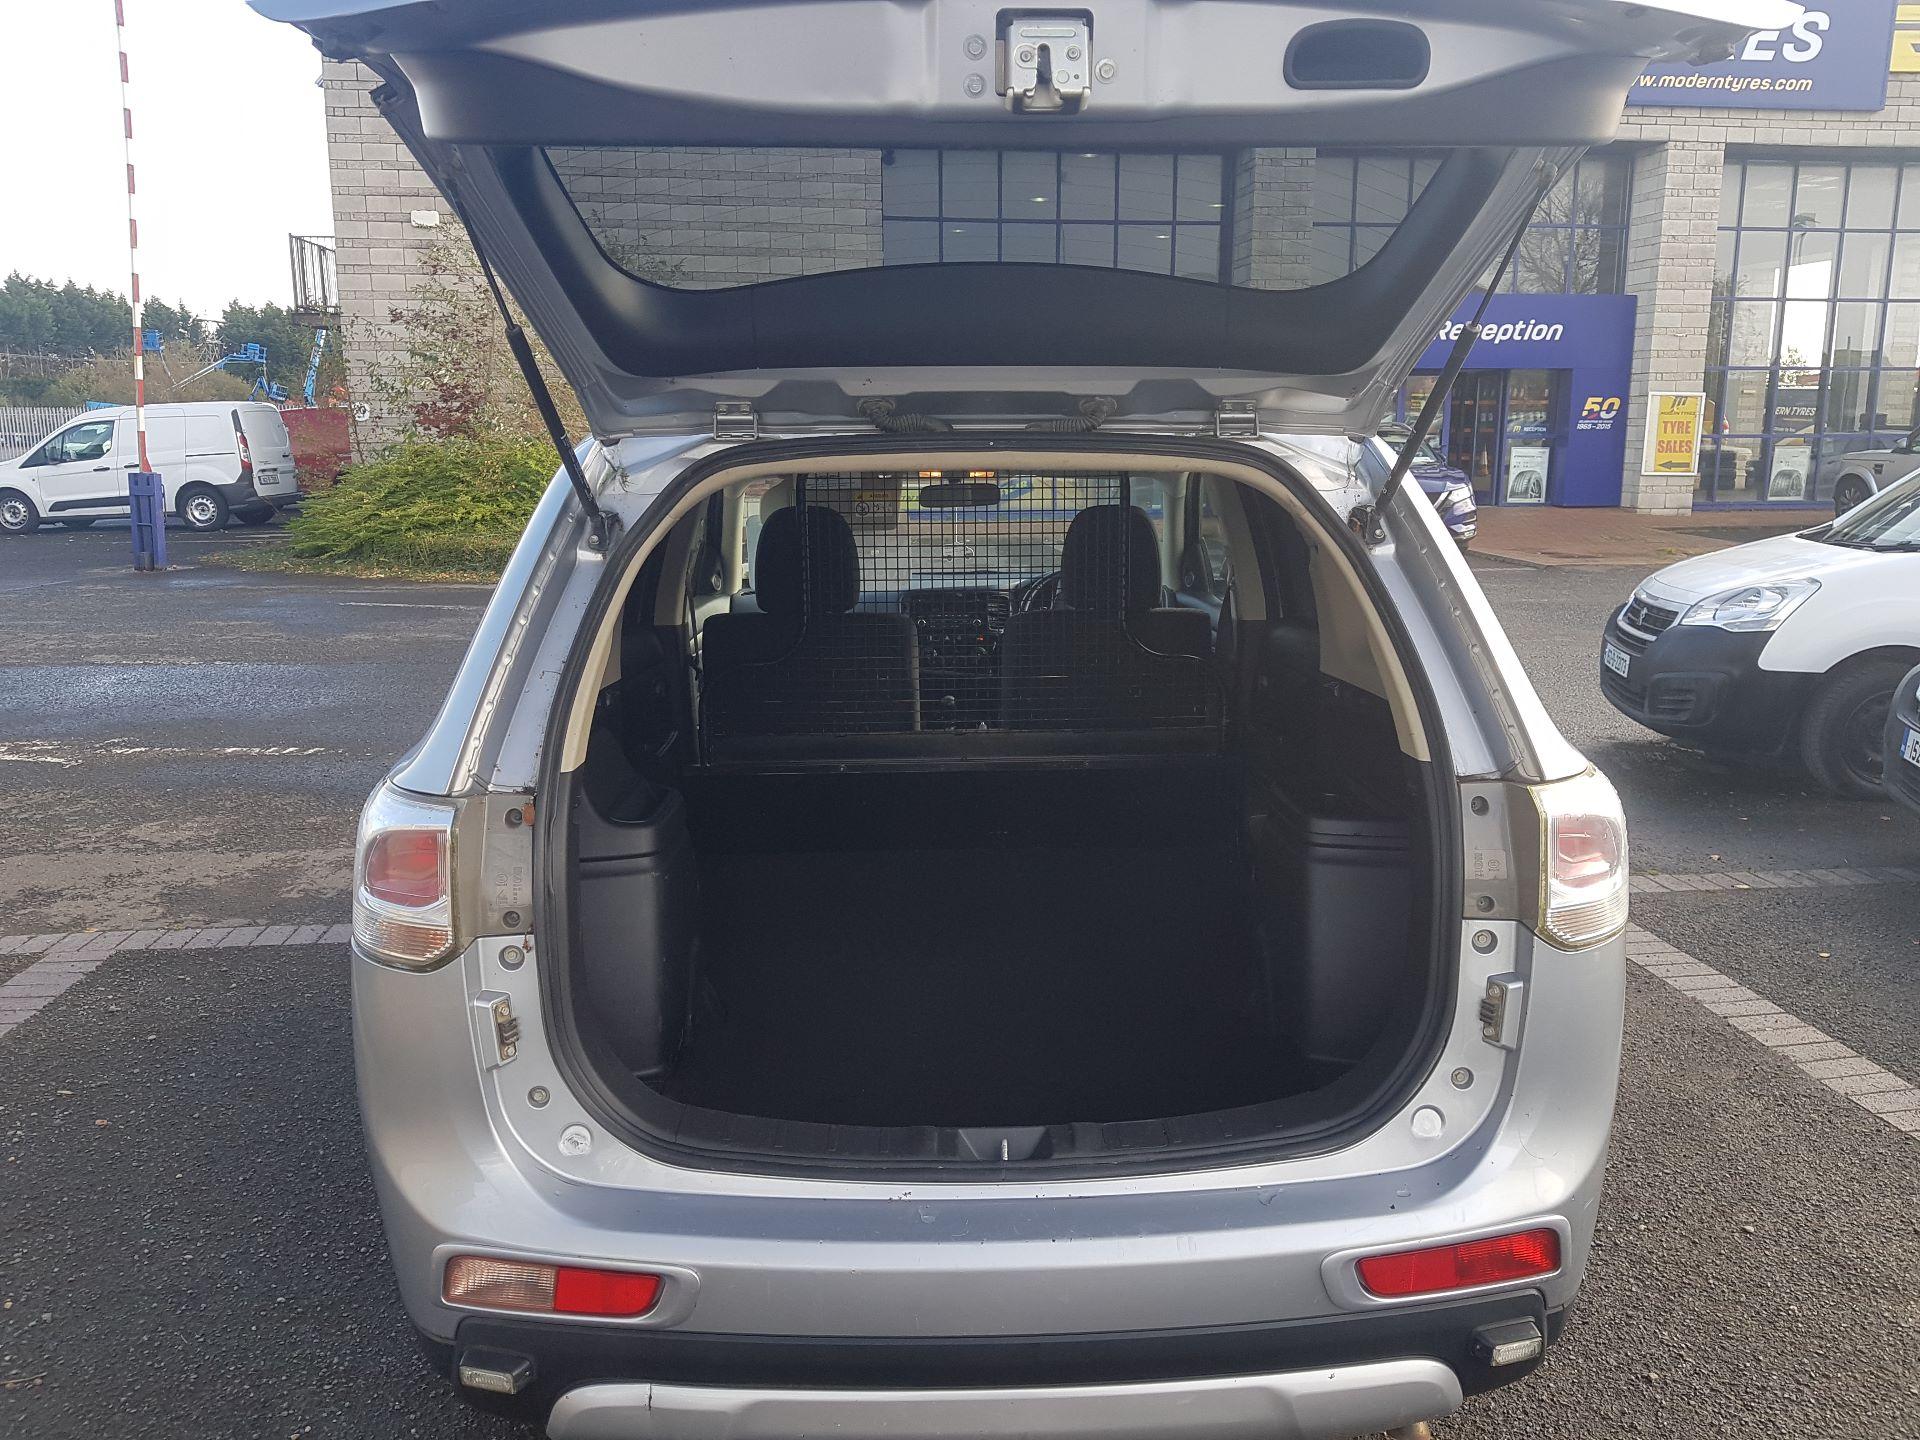 2015 Mitsubishi Outlander 4WD 6MT N1 Comm 4DR (152D18581) Image 9